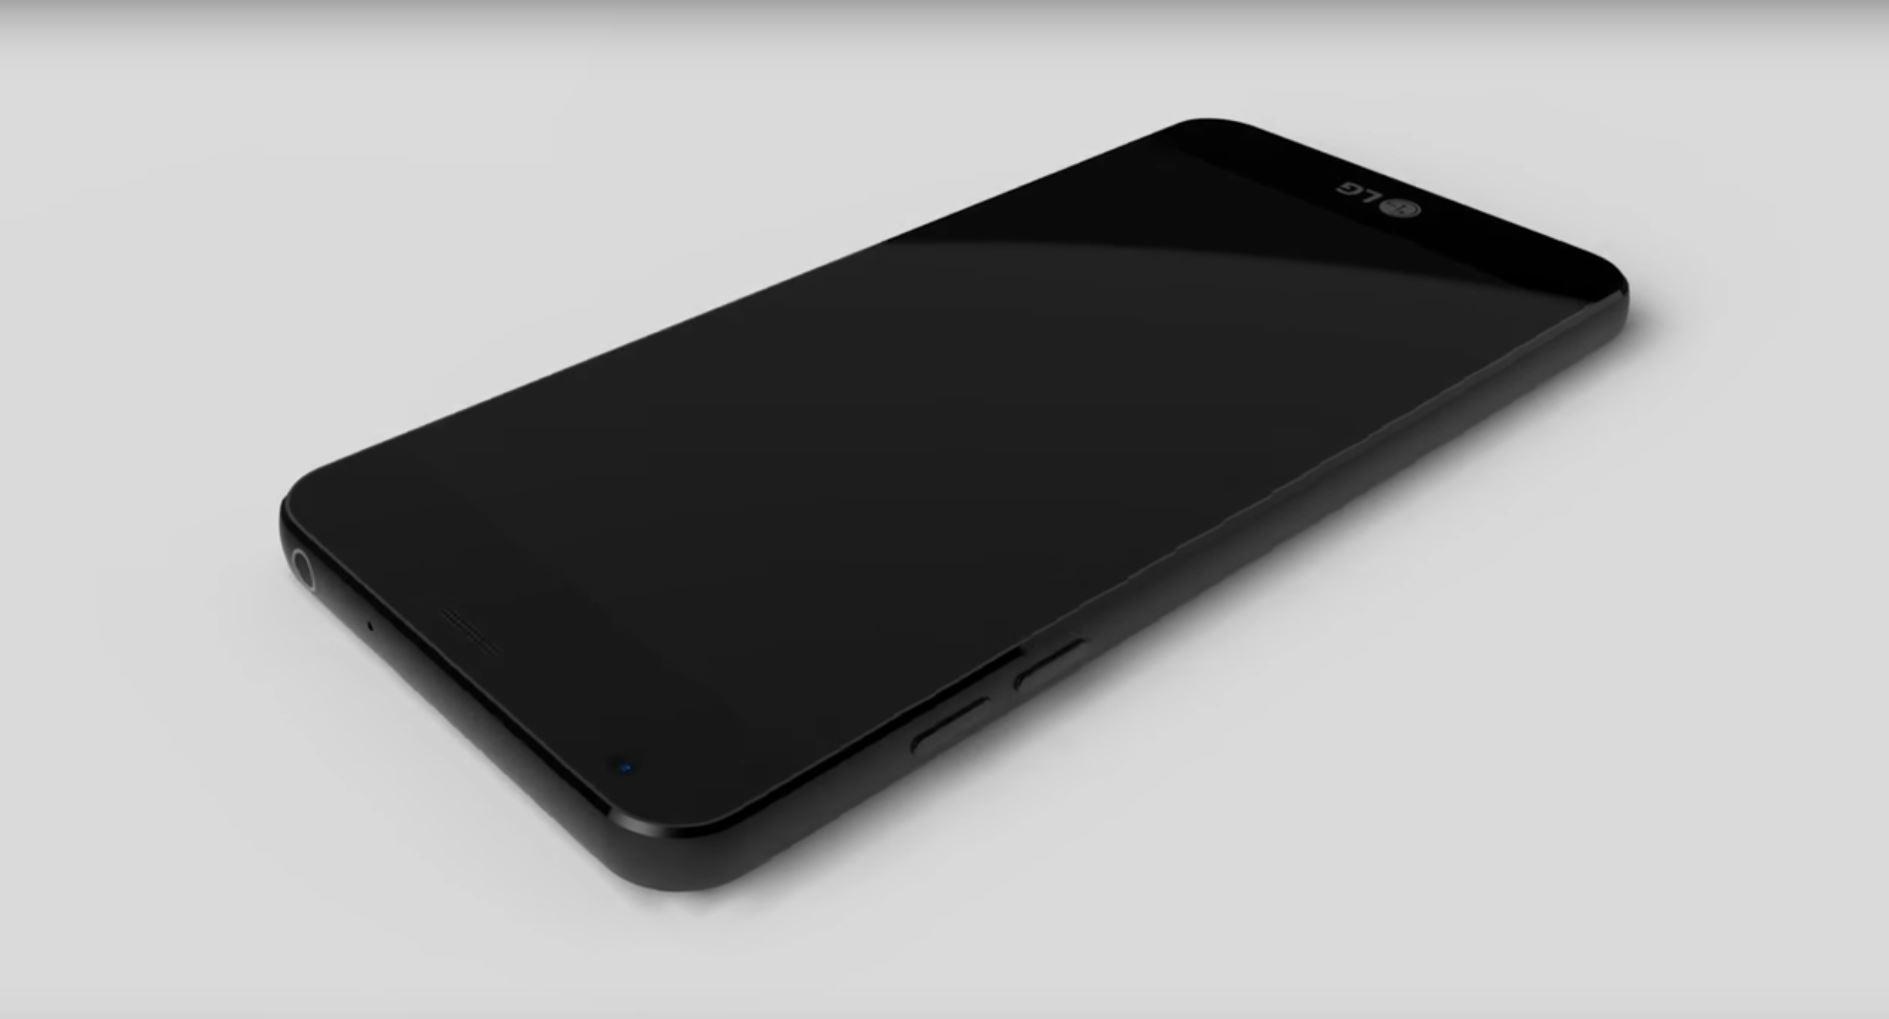 LG G6 : le design entièrement dévoilé dans un rendu 3D